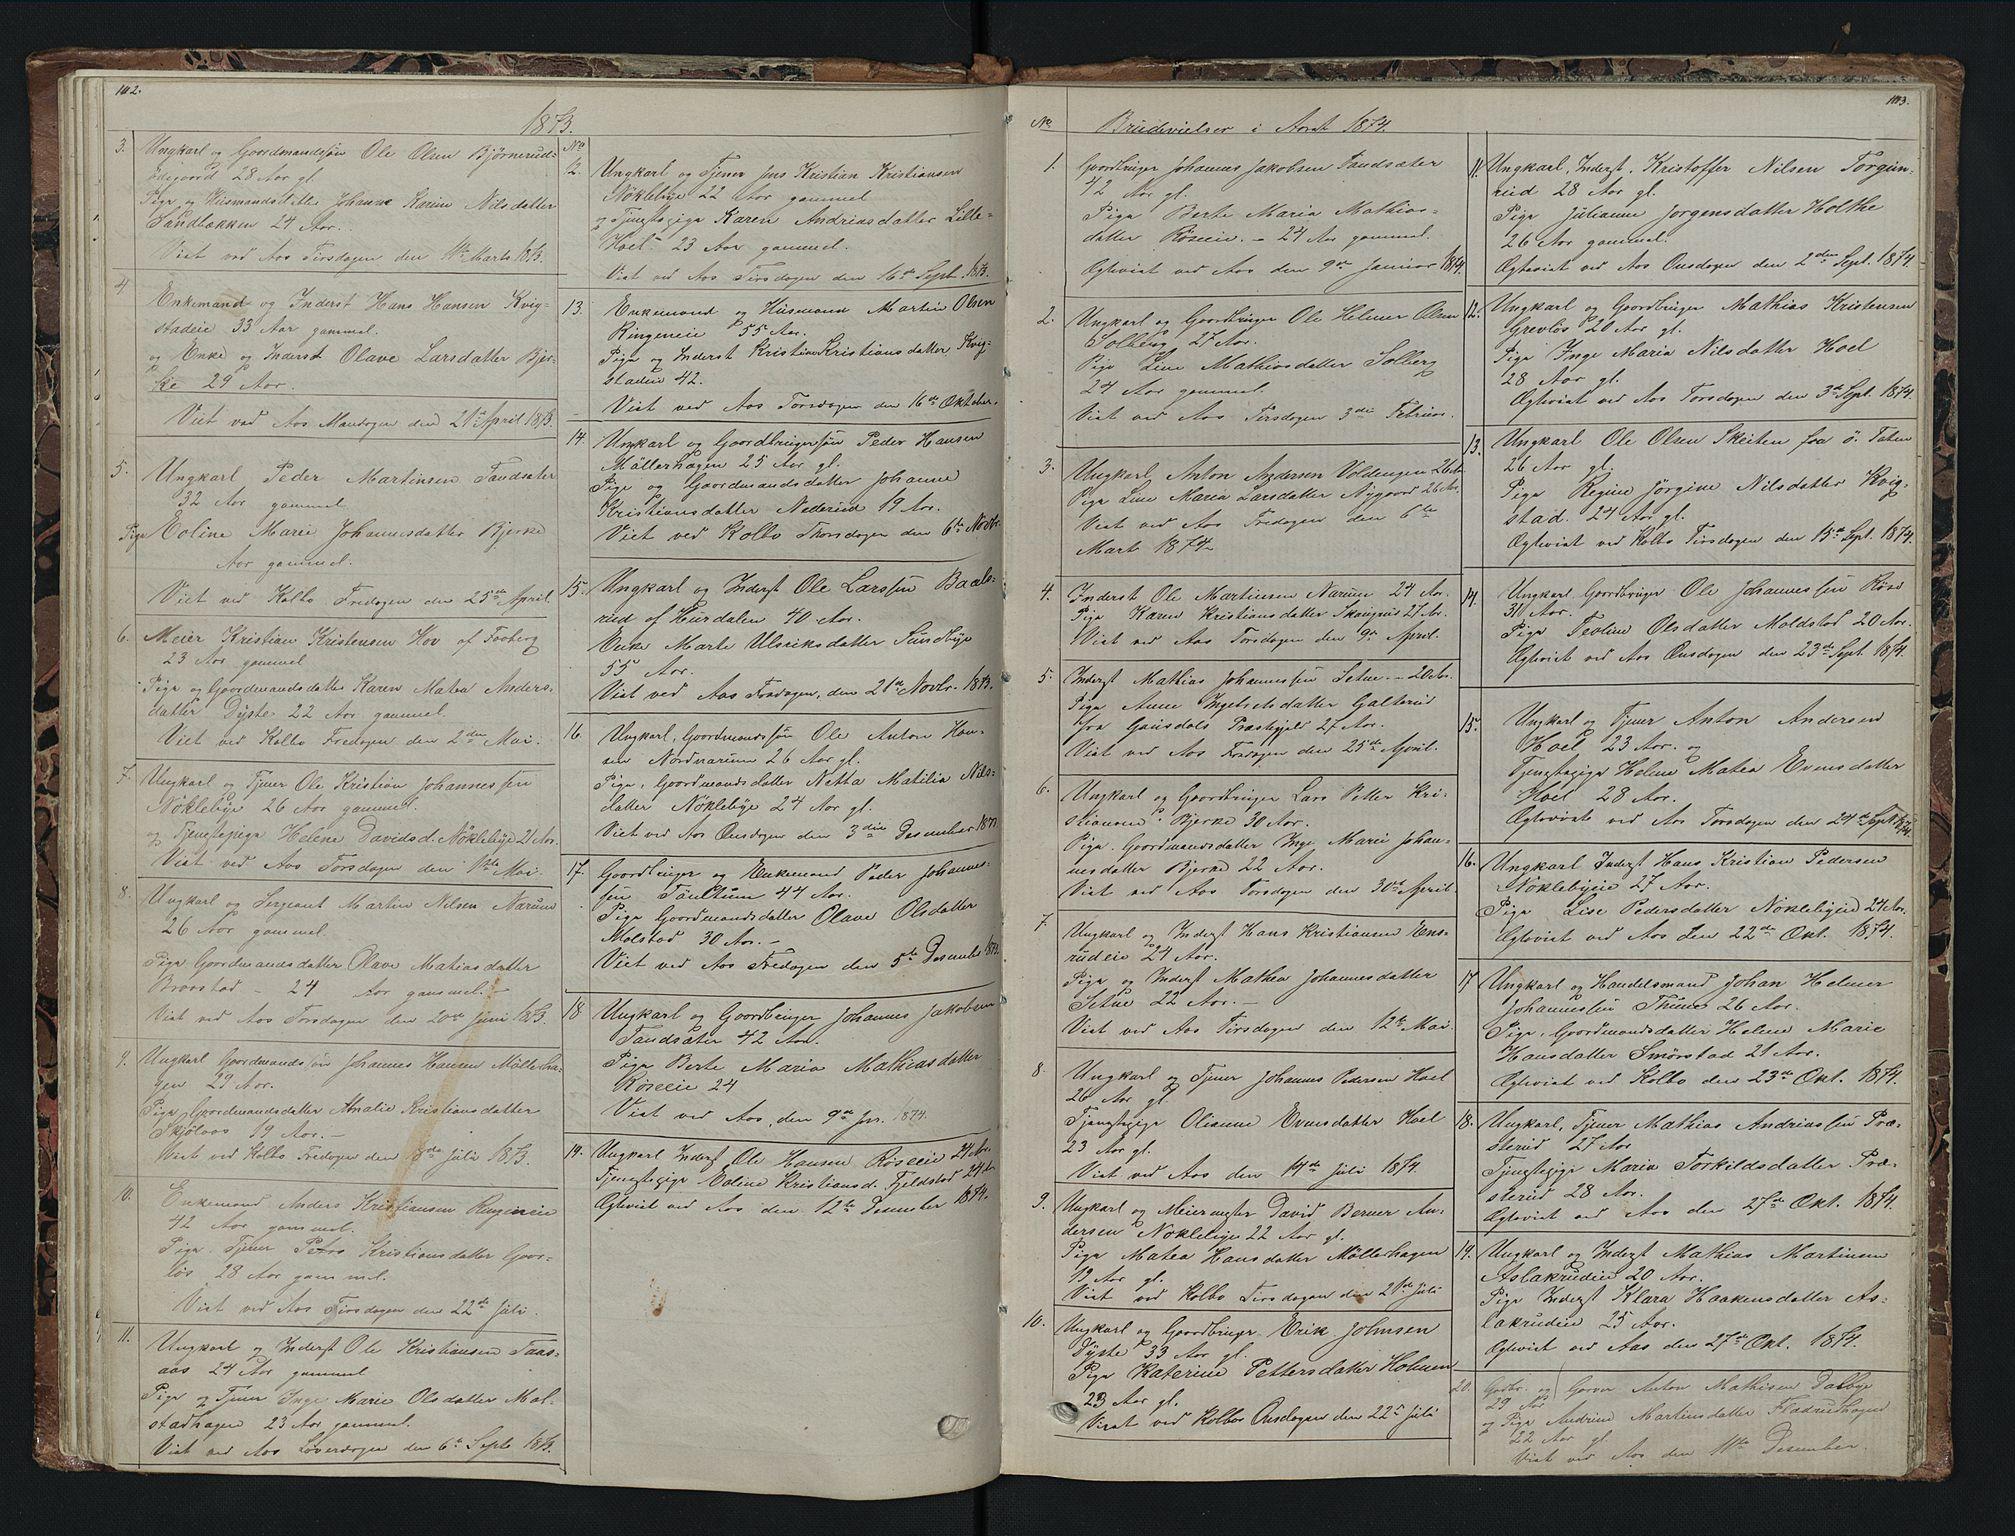 SAH, Vestre Toten prestekontor, H/Ha/Hab/L0007: Klokkerbok nr. 7, 1872-1900, s. 102-103